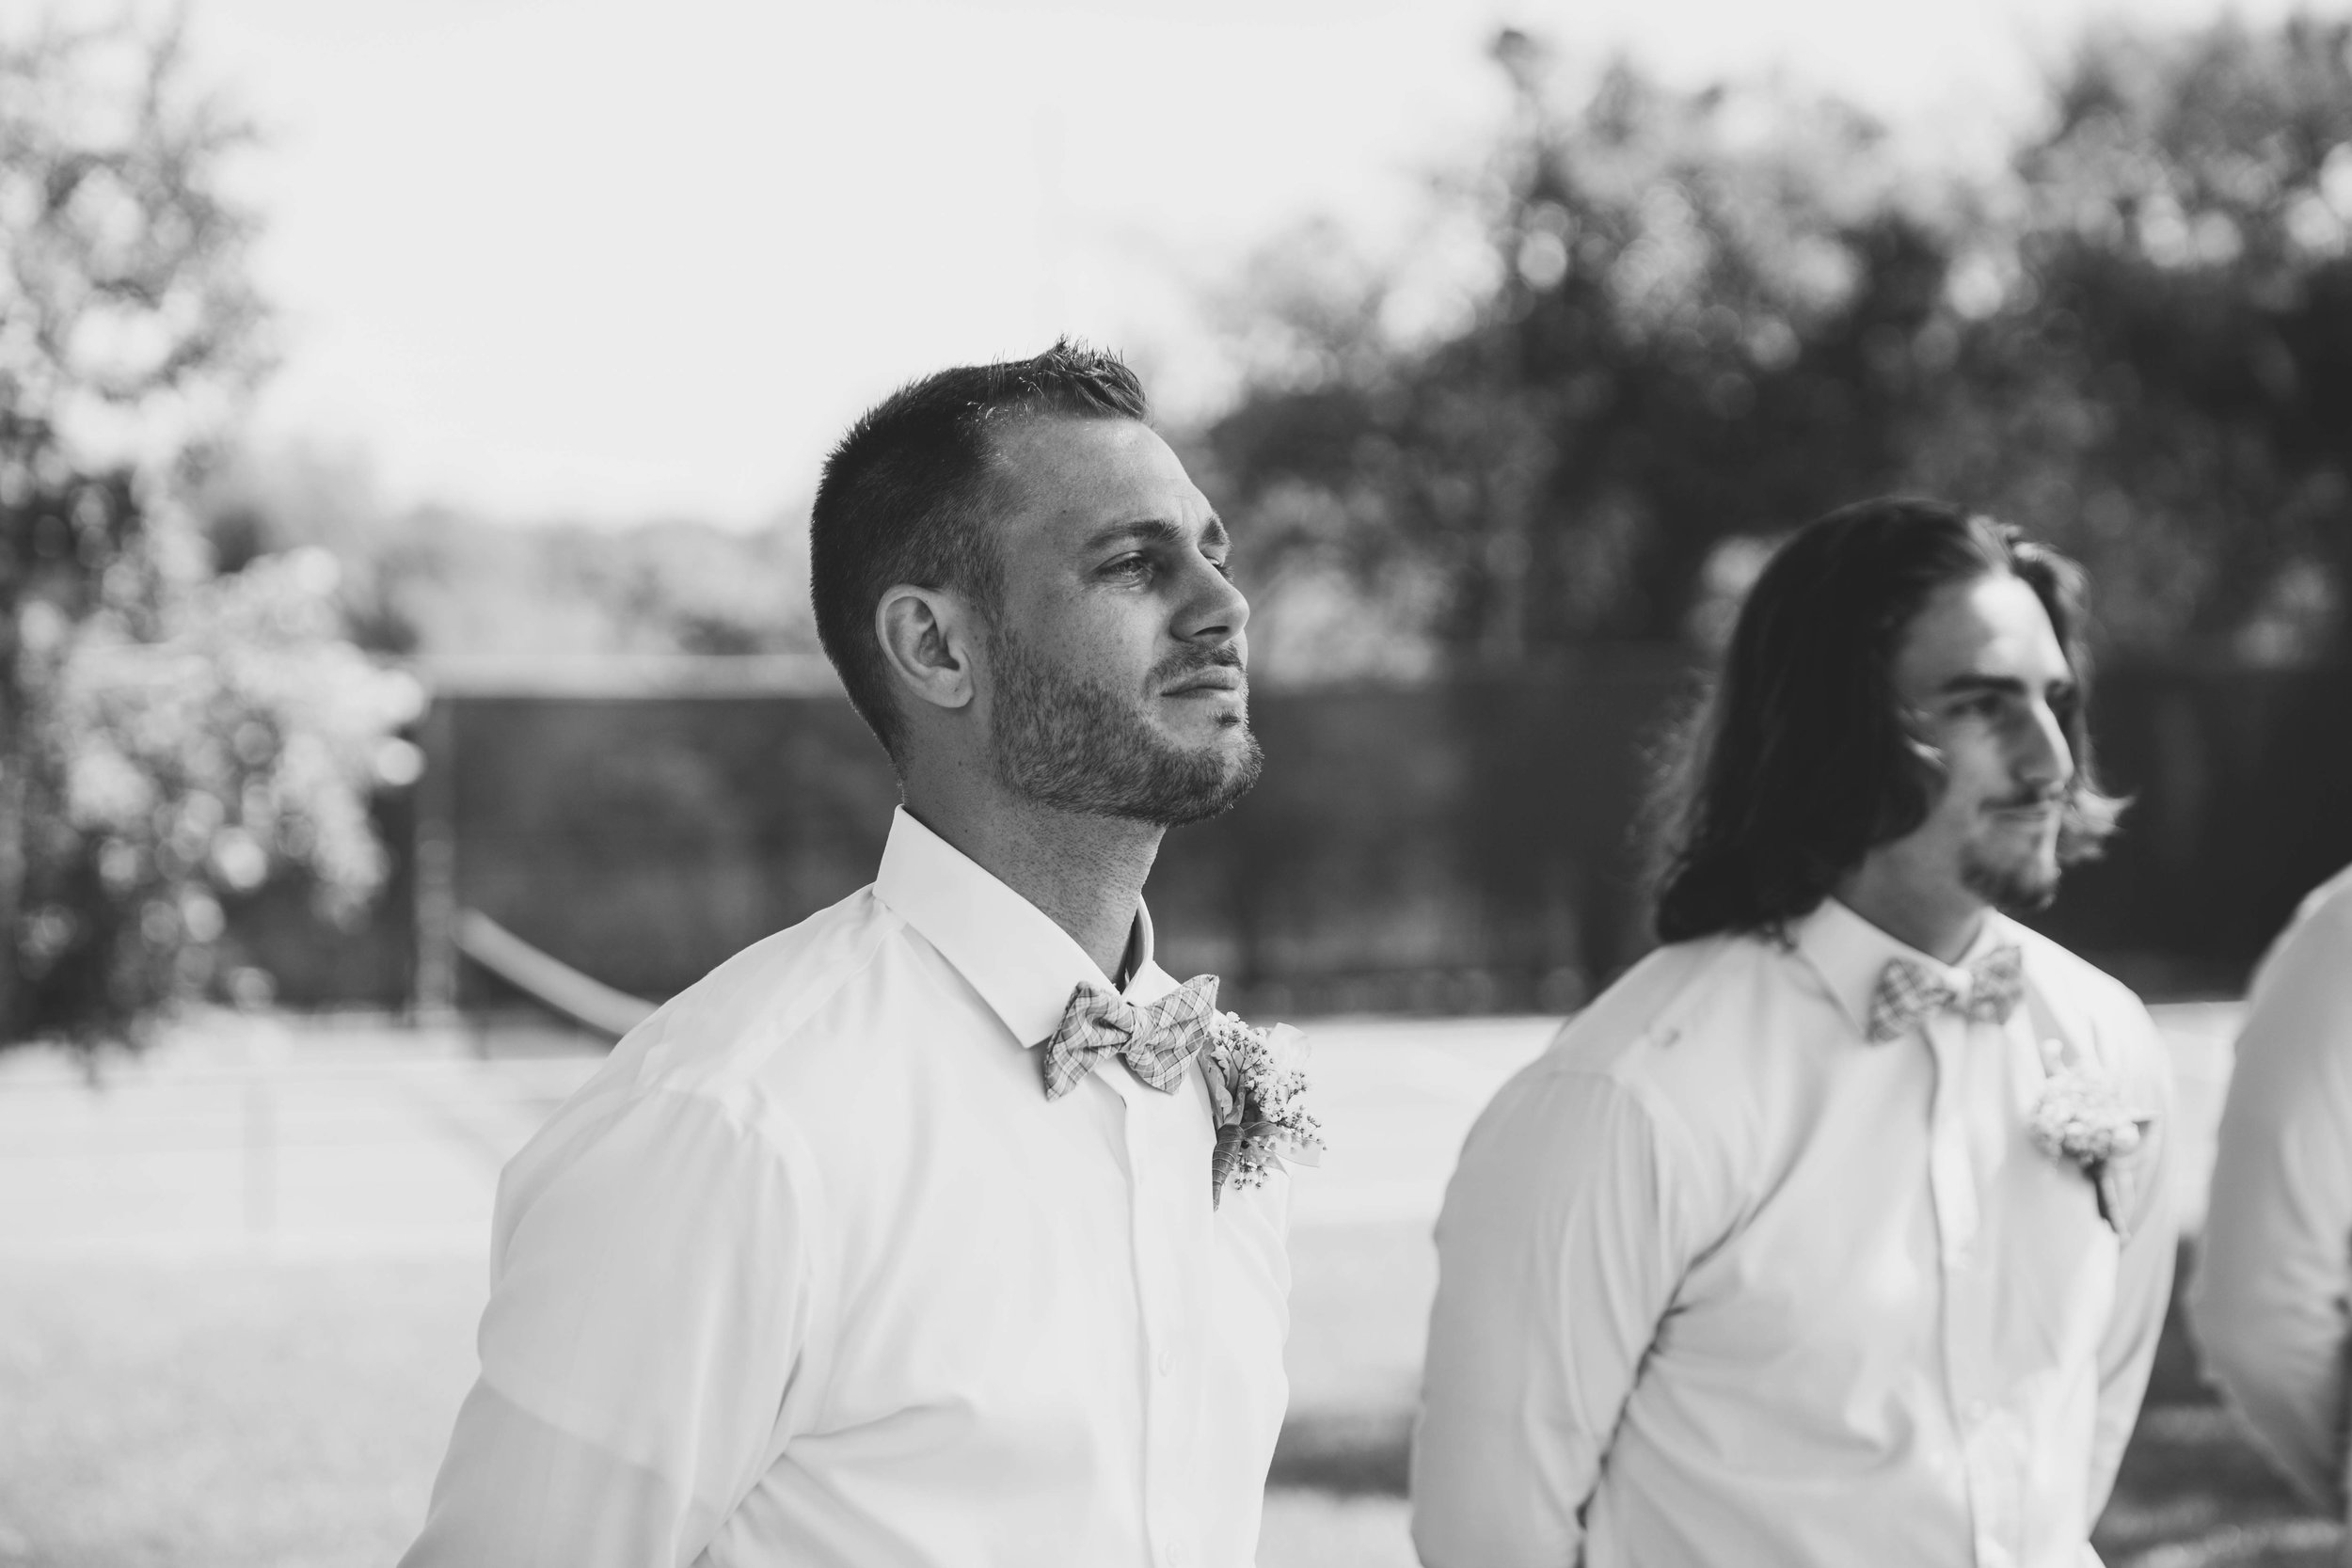 ATGI_Susanna & Matt Wedding_717A7559.jpg